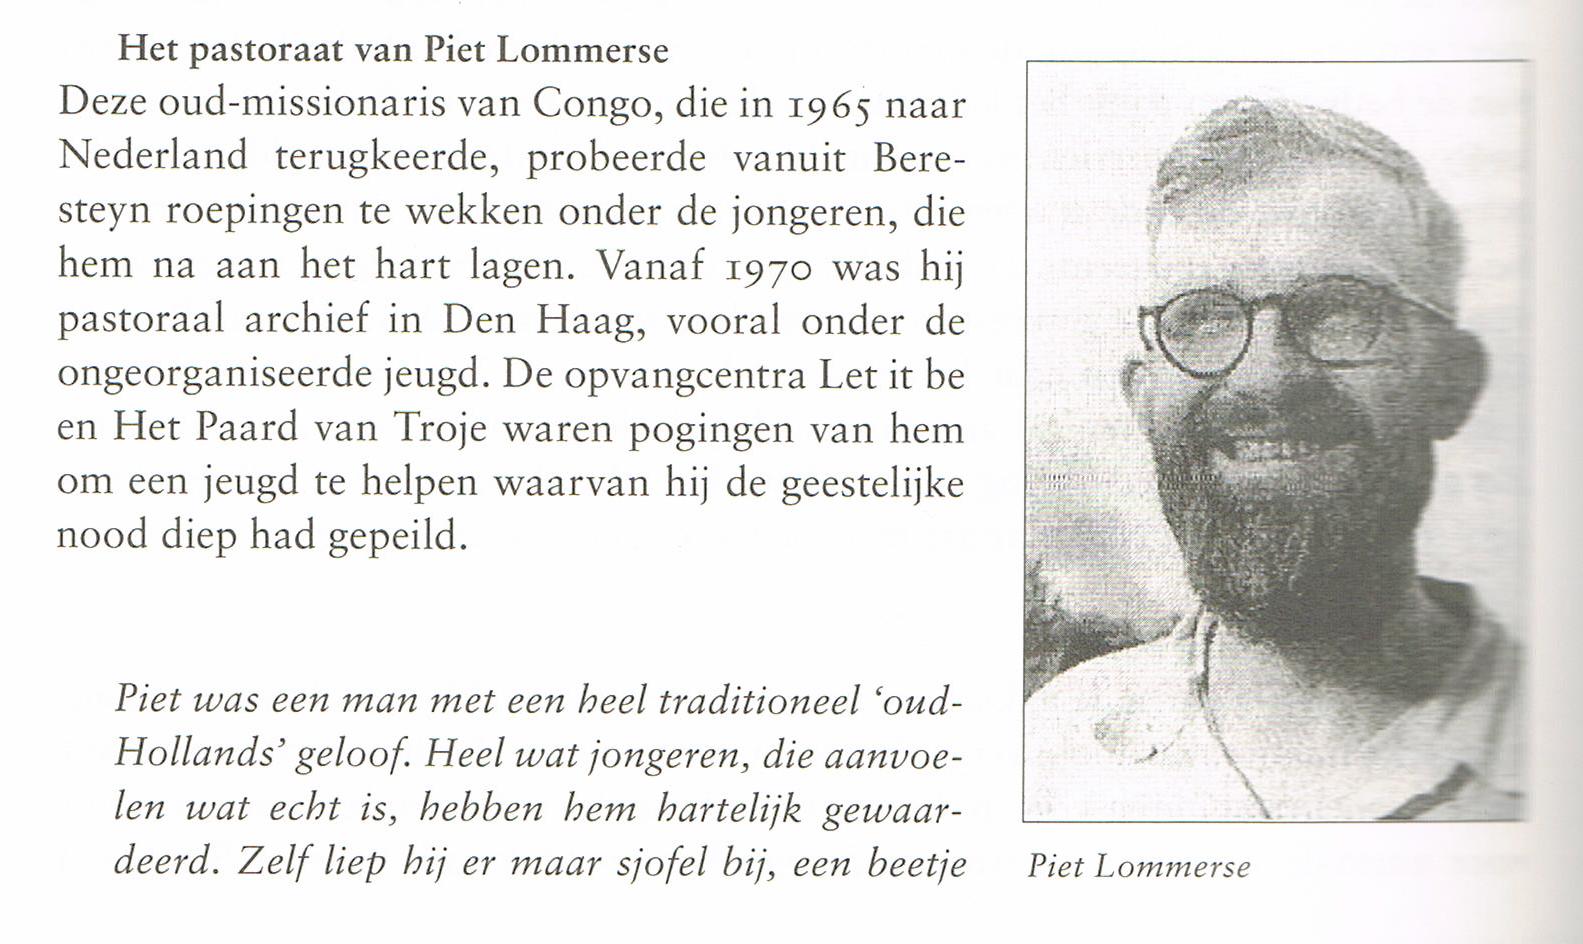 Piet Lommerse